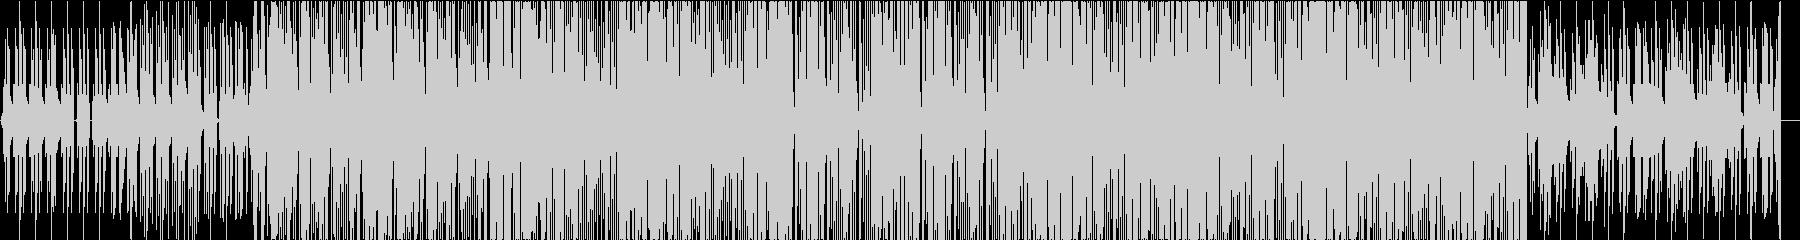 迷宮の探索をイメージしたカットアップの未再生の波形